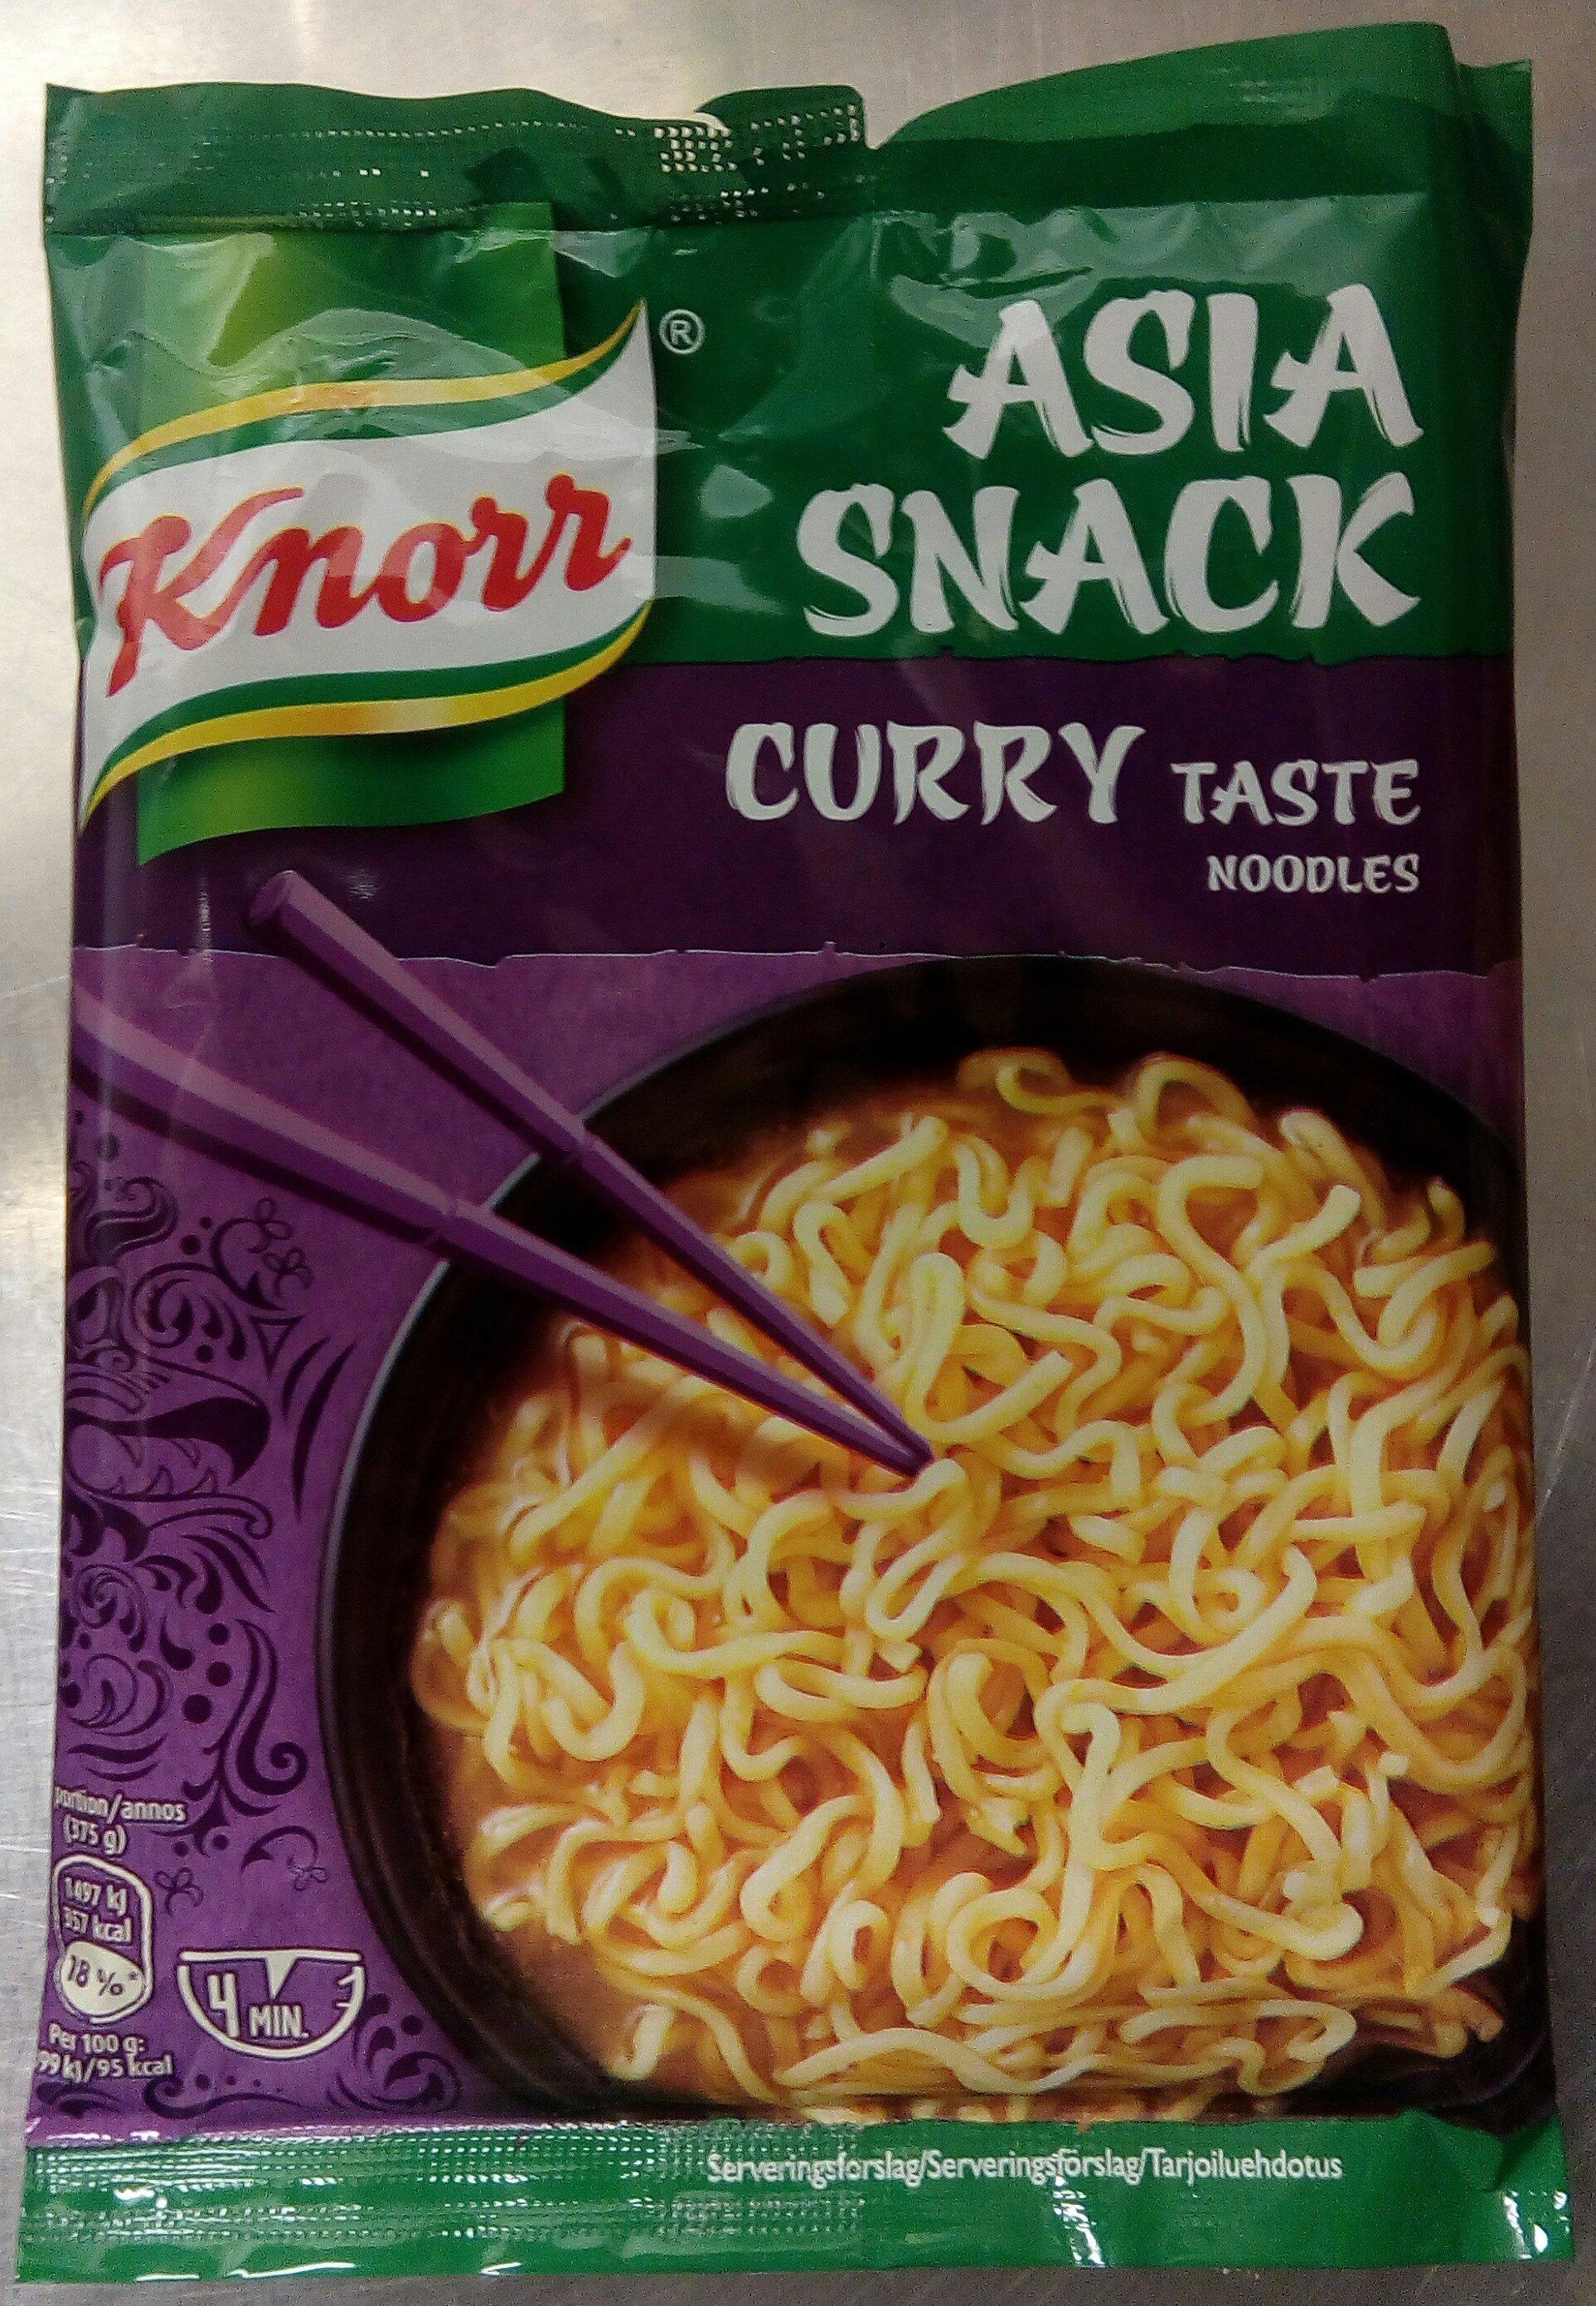 Knorr Asia Snack Curry Taste Noodles - Produit - sv